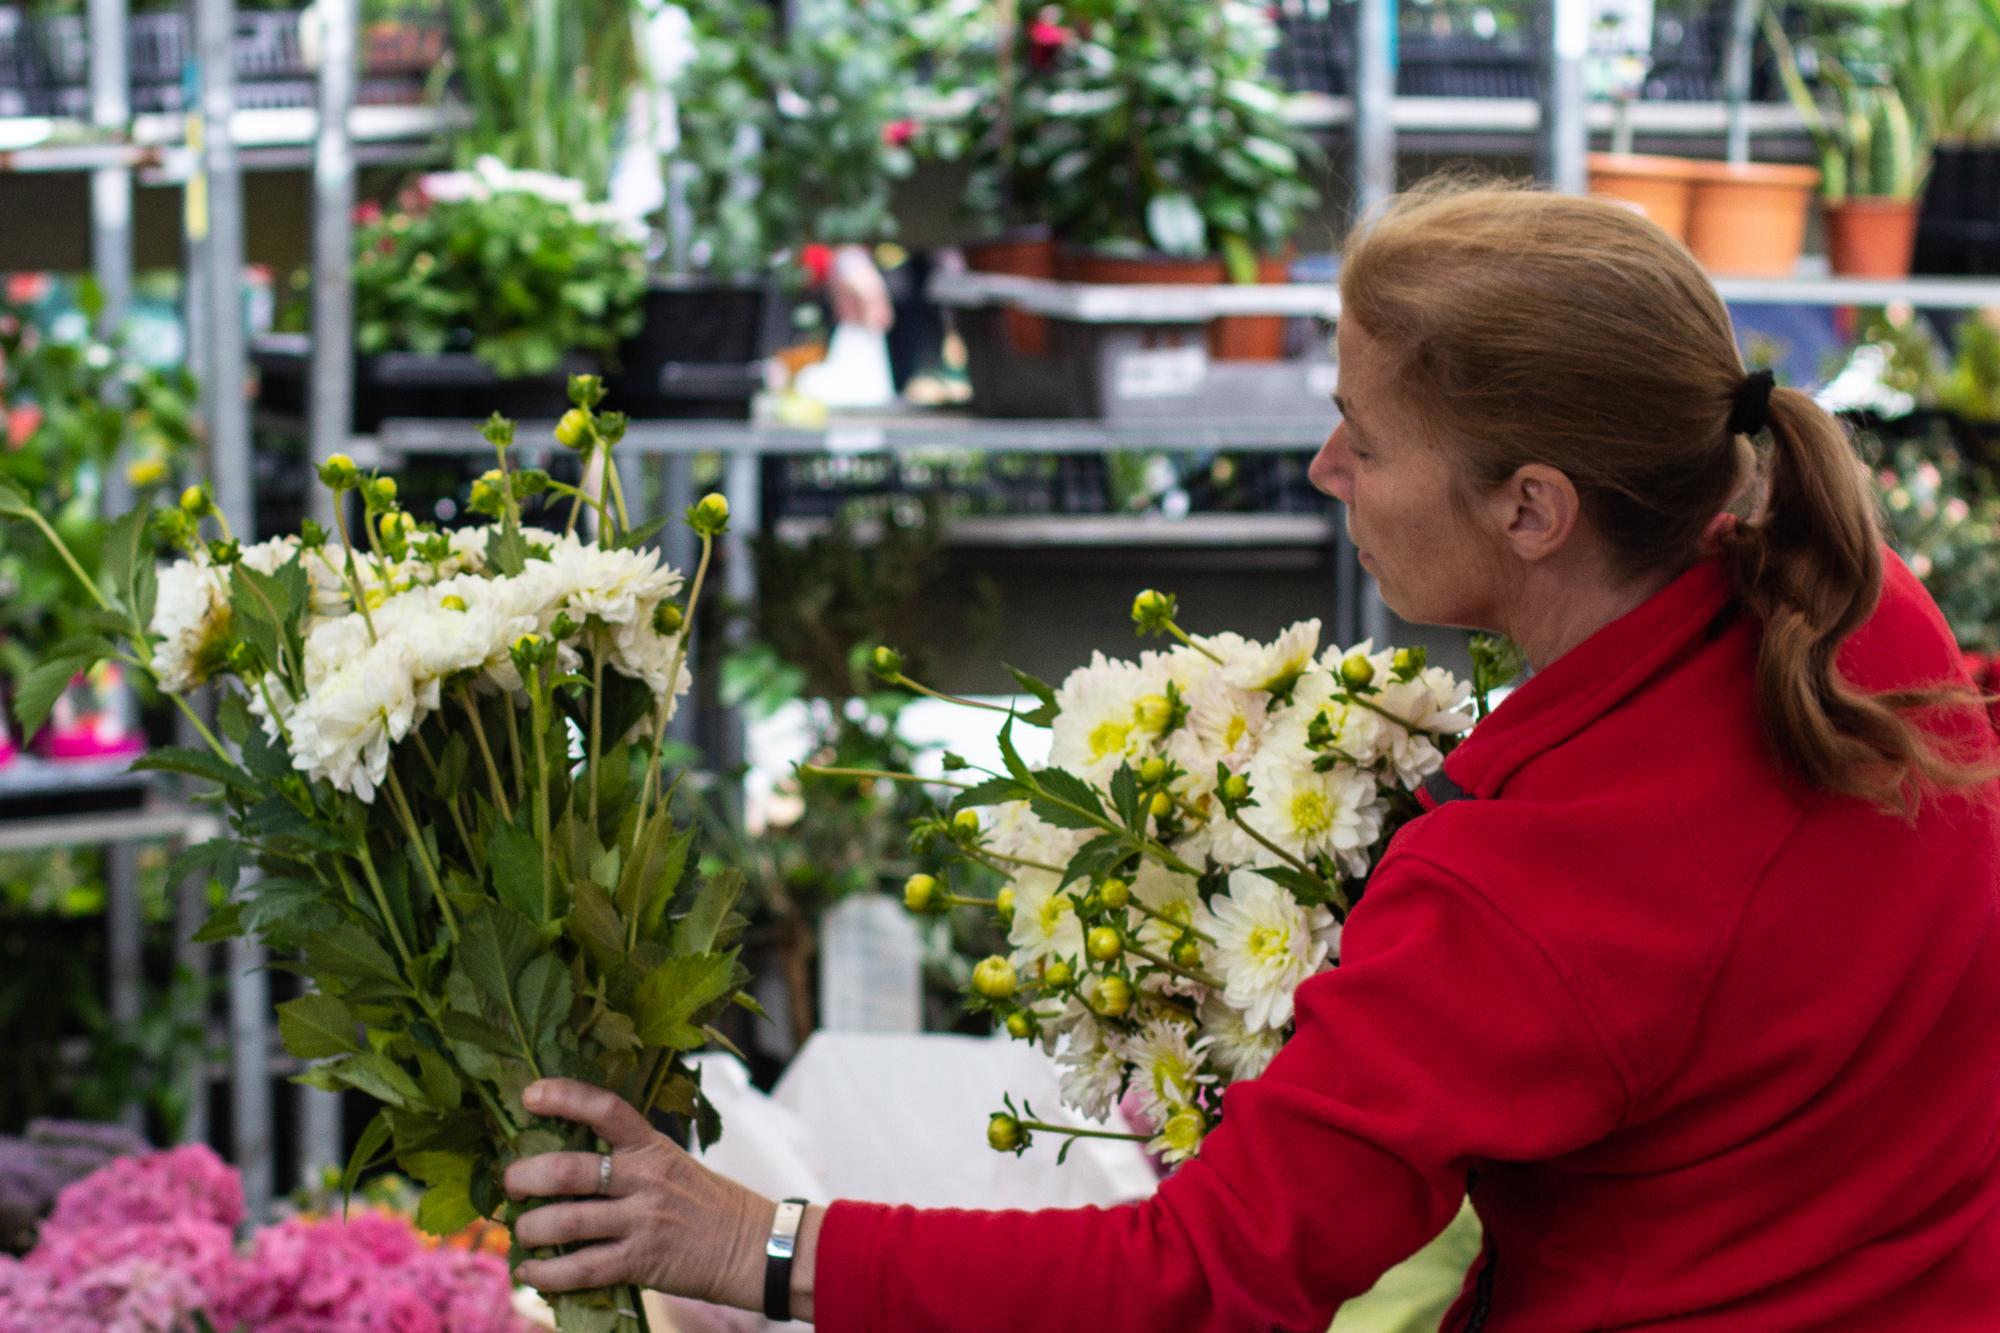 Blumen verkaufen auf dem sehr bunten türkischen Markt am Maybachufer in Berlin Neukölln